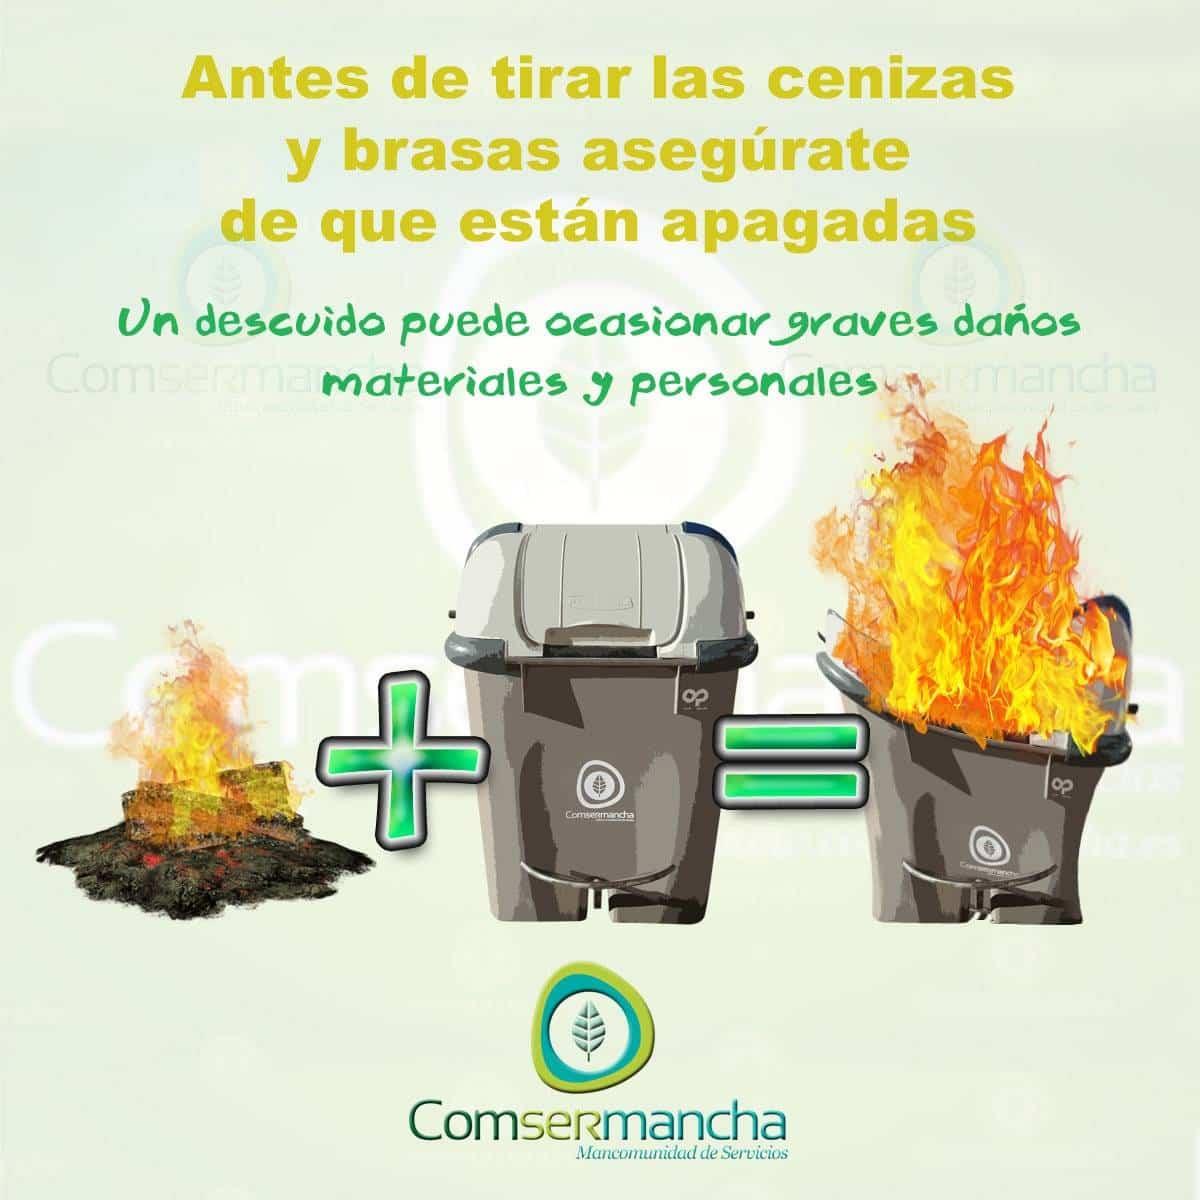 Comsermancha recuerda el riesgo de tirar las cenizas y brasas en los contenedores 6